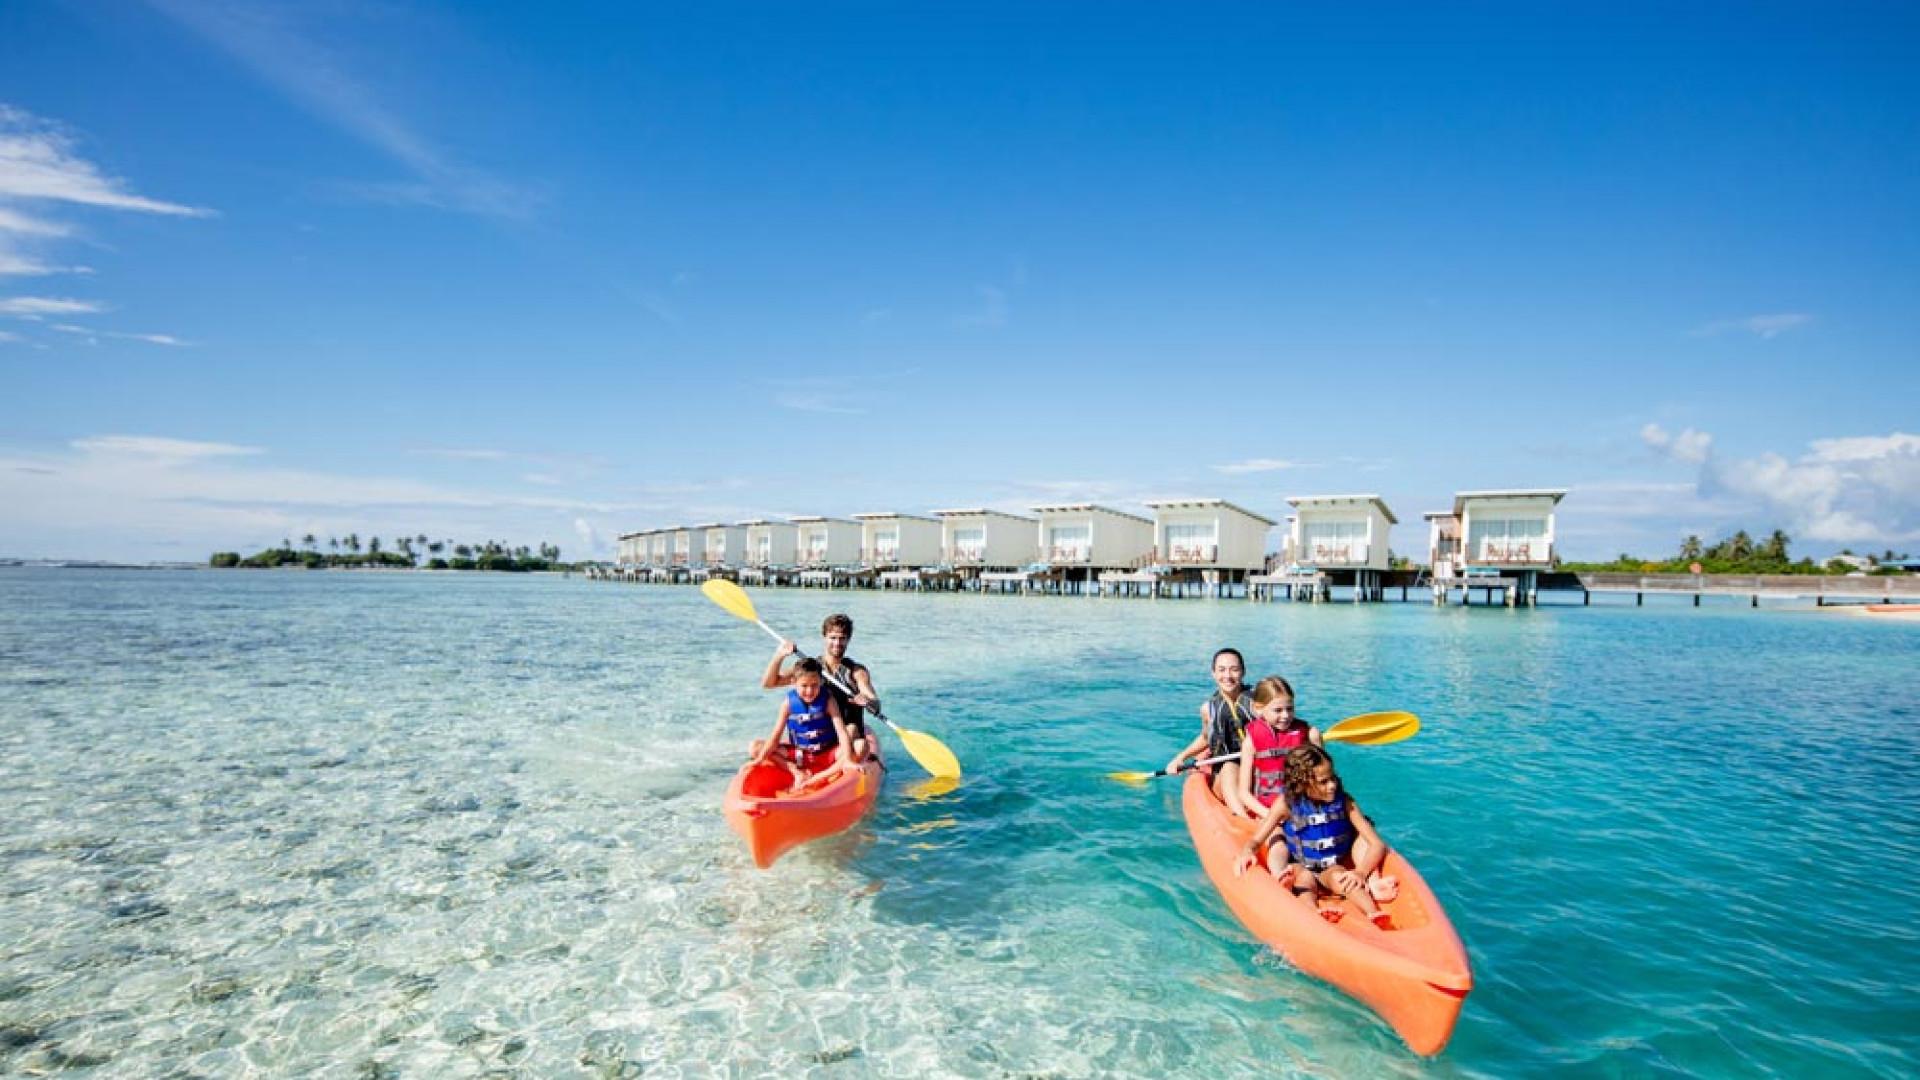 Kayaking at Holiday Inn Kandooma Maldives